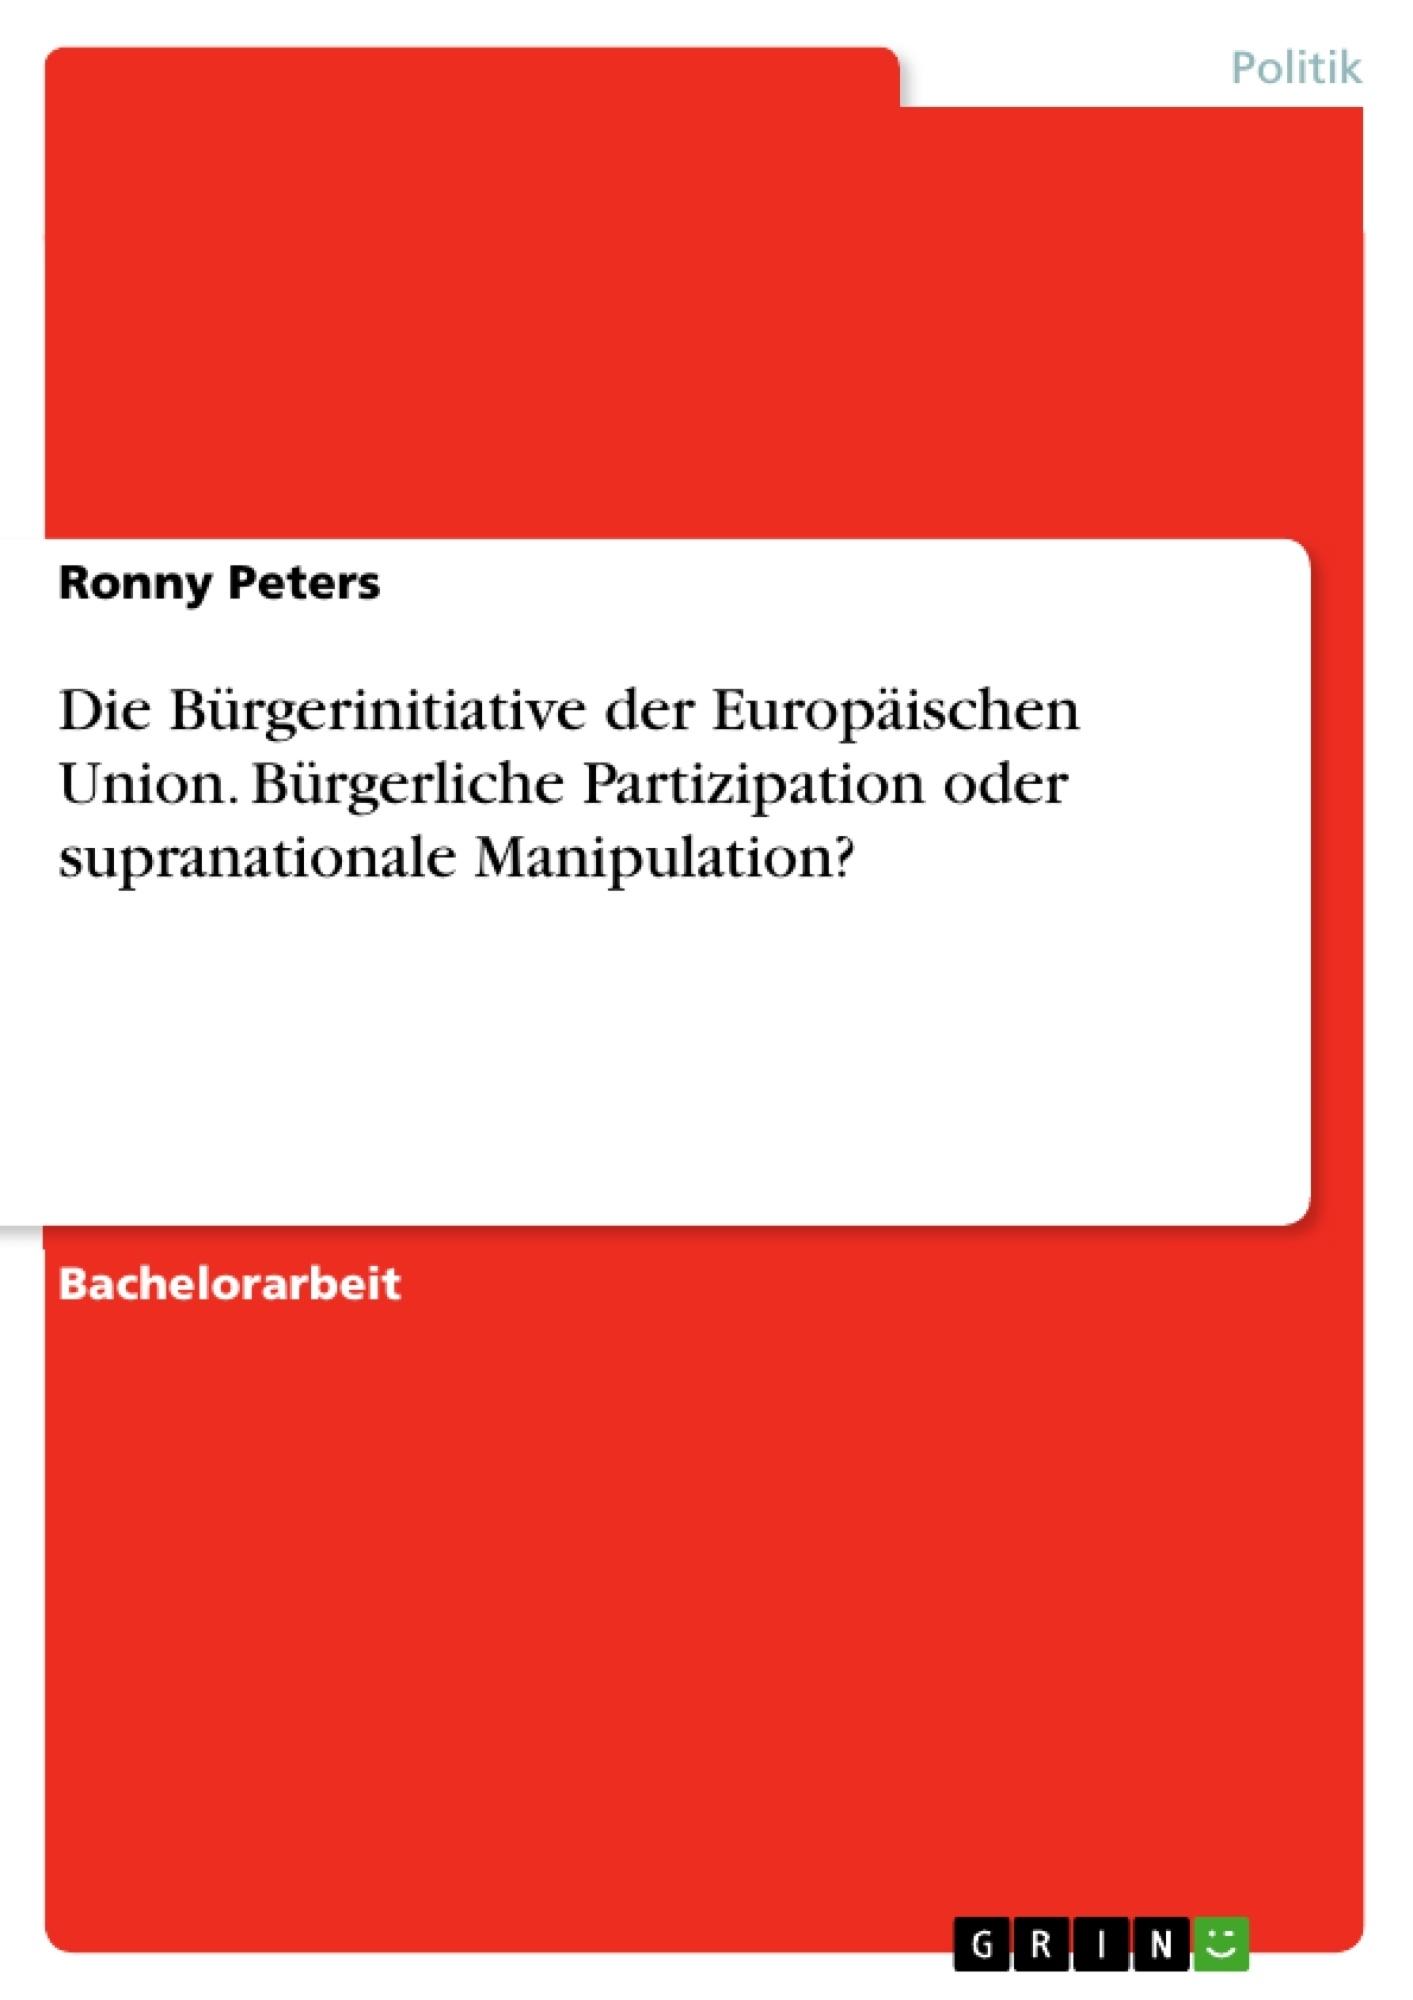 Titel: Die Bürgerinitiative der Europäischen Union. Bürgerliche Partizipation oder supranationale Manipulation?